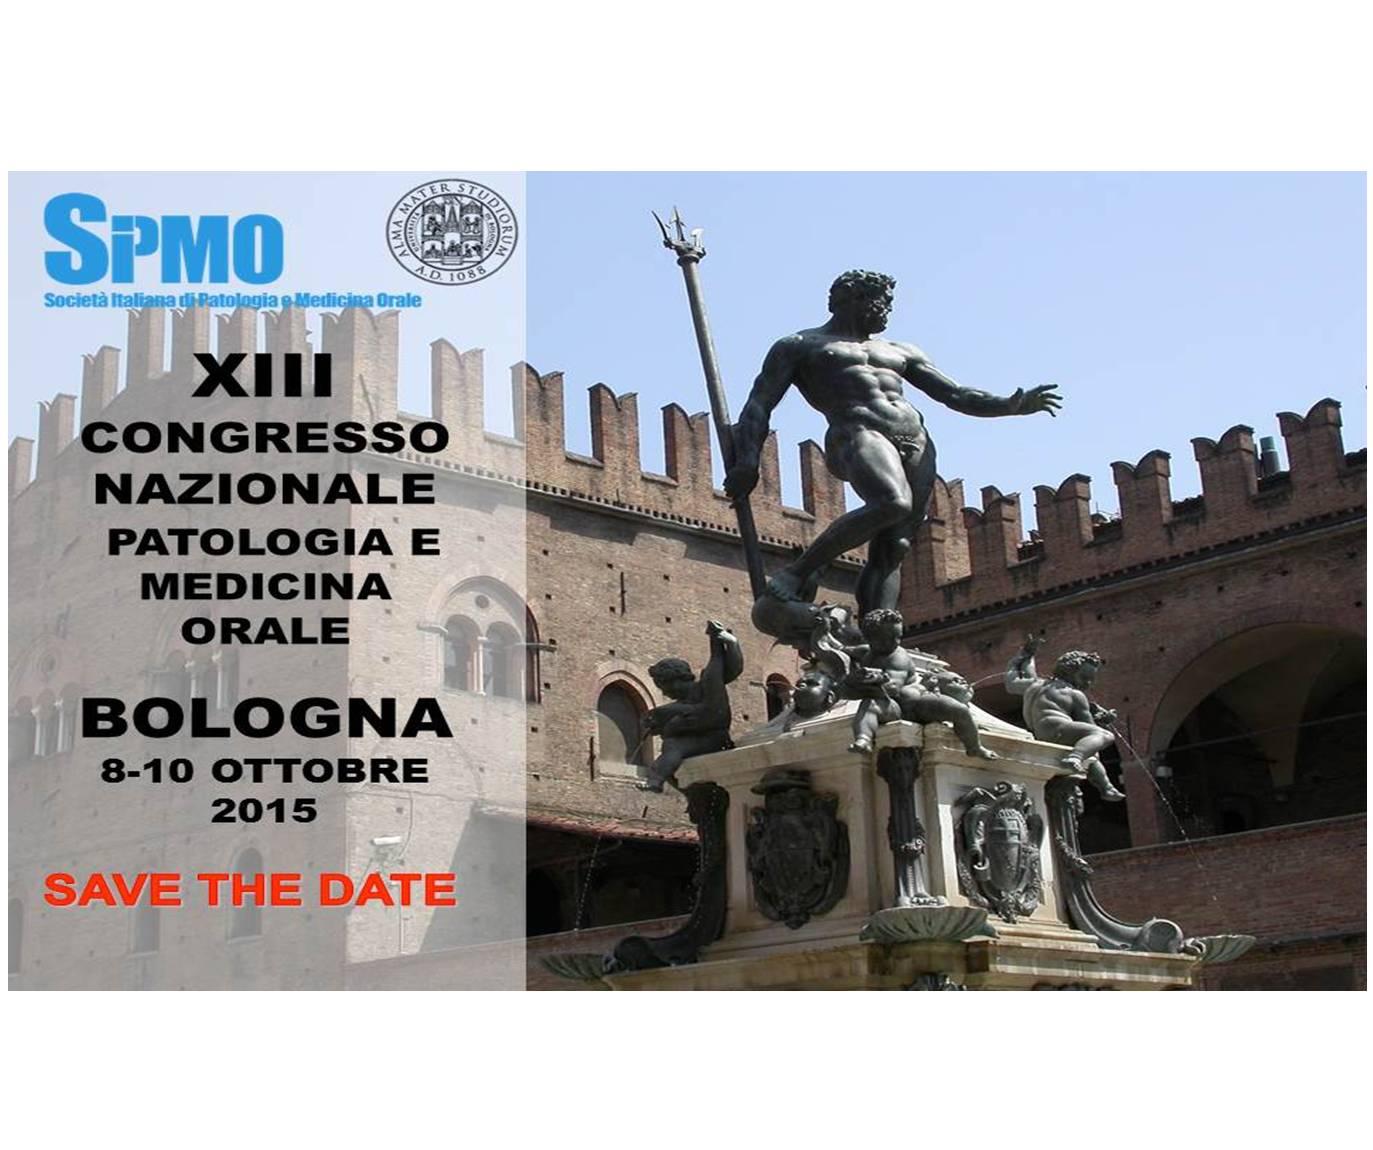 SAVE THE DATE! XIII Congresso Nazionale Patologia E Medicina Orale – BOLOGNA 8/10 Ottobre 2015